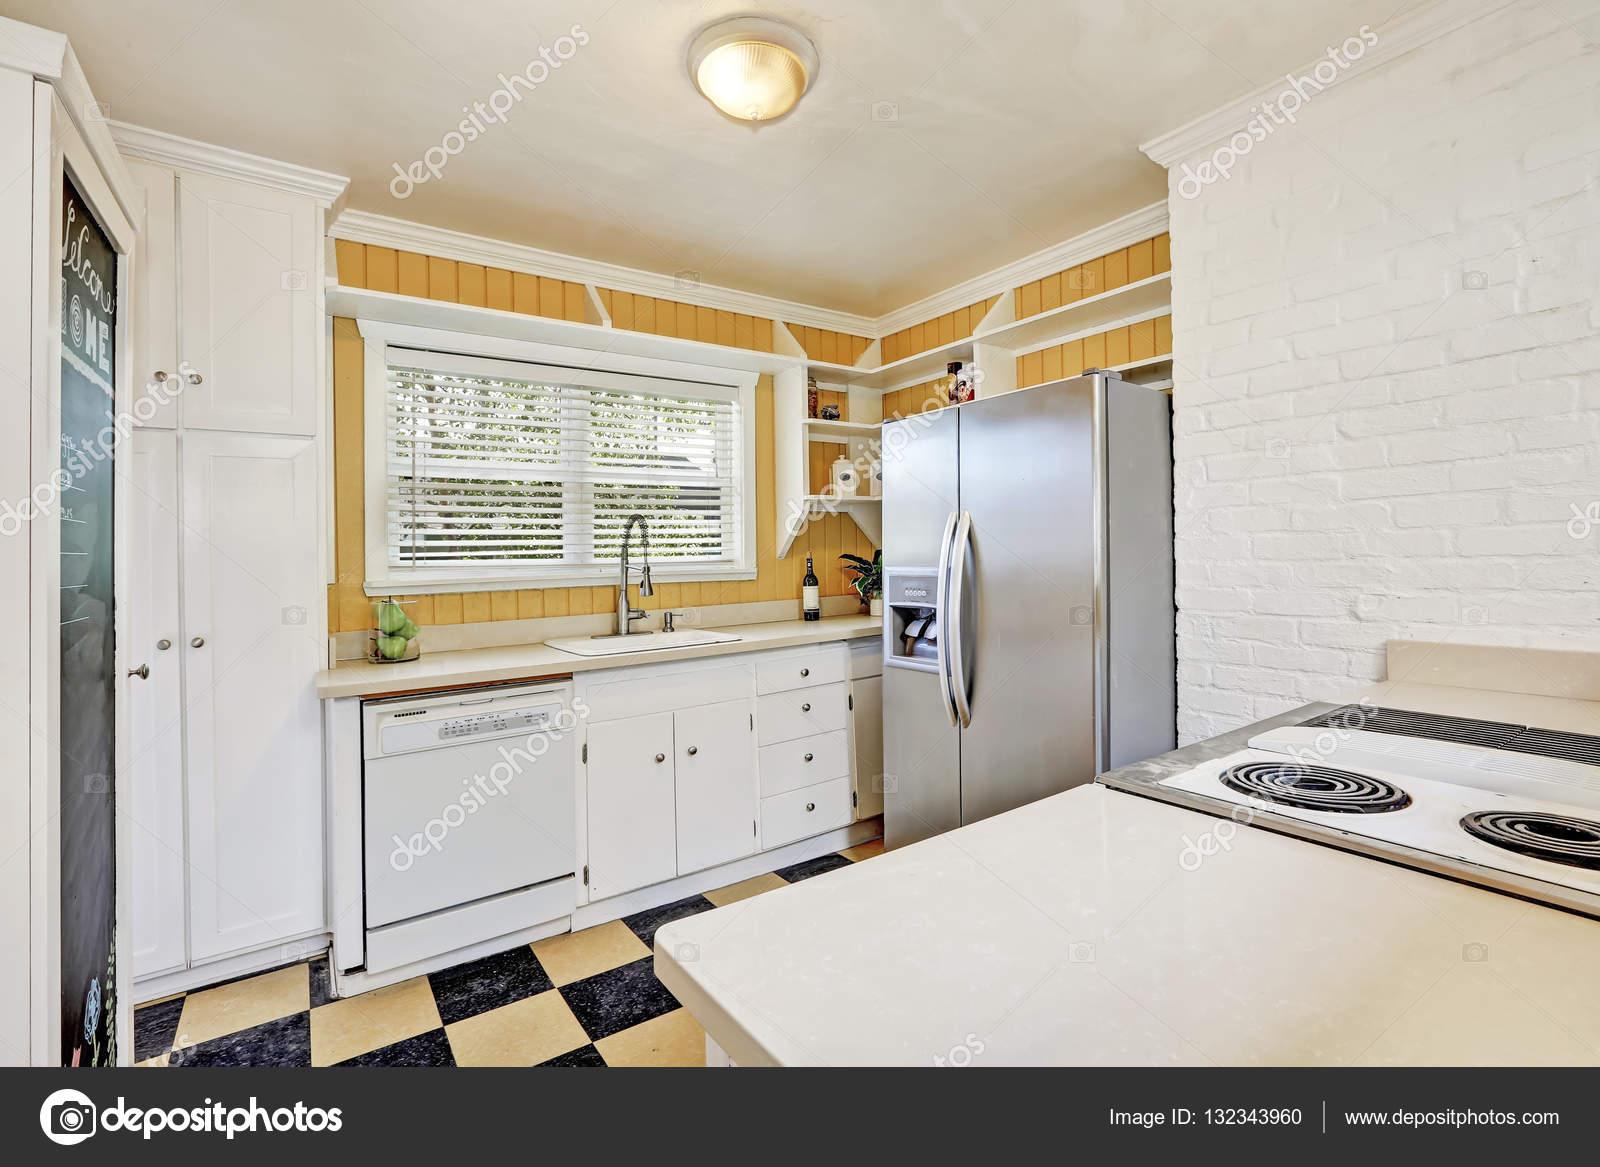 U Vormige Keuken : U vormige keuken kamer interieur met moderne koelkast u stockfoto